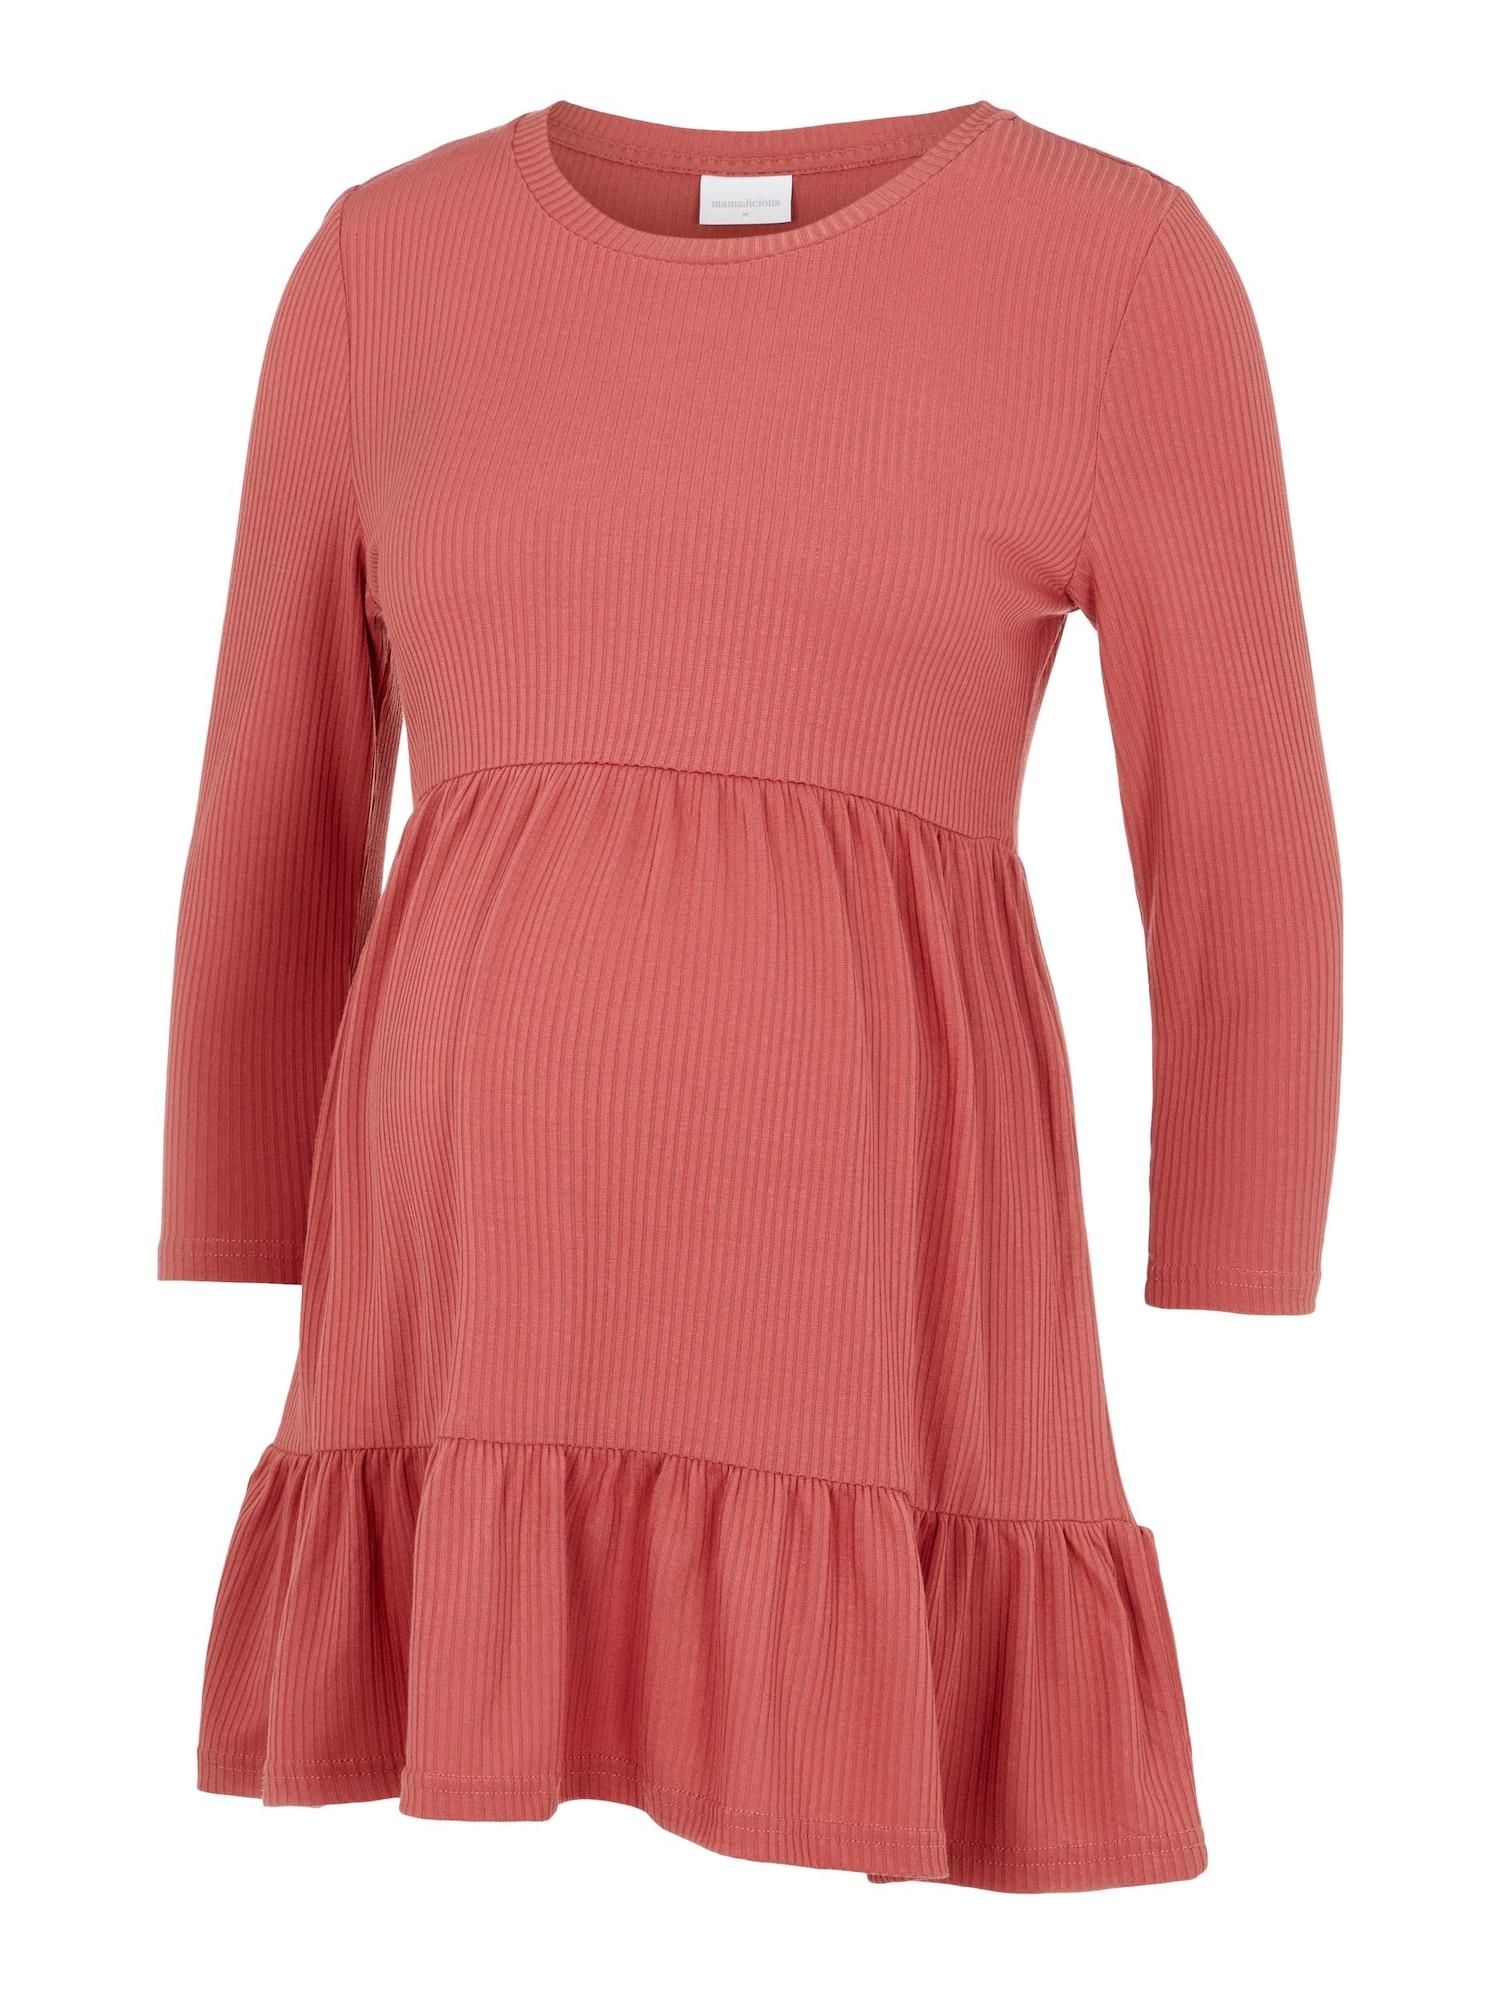 MAMALICIOUS Suknelė raudona